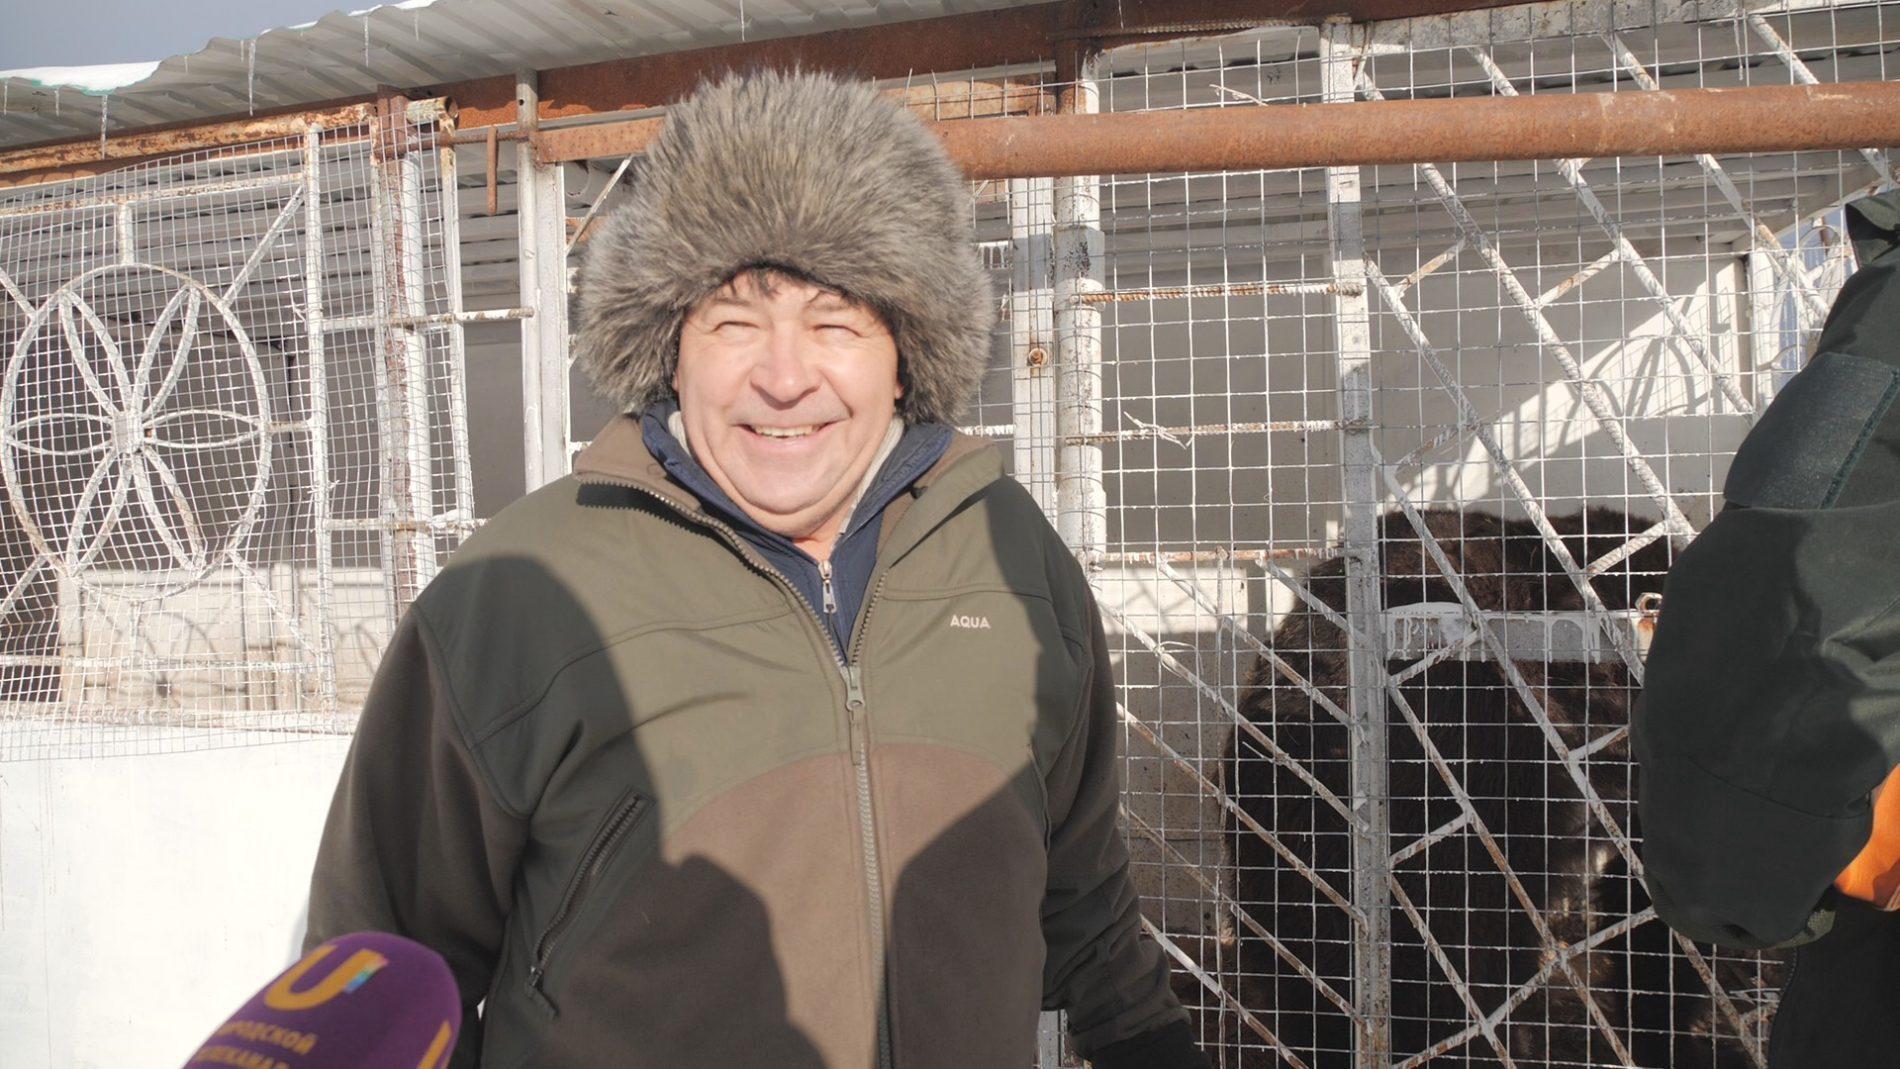 """Фермер Хасан Идиятуллин создал свою """"империю"""", в которой есть место лошадям, павлинам, уткам и даже… медведям!"""